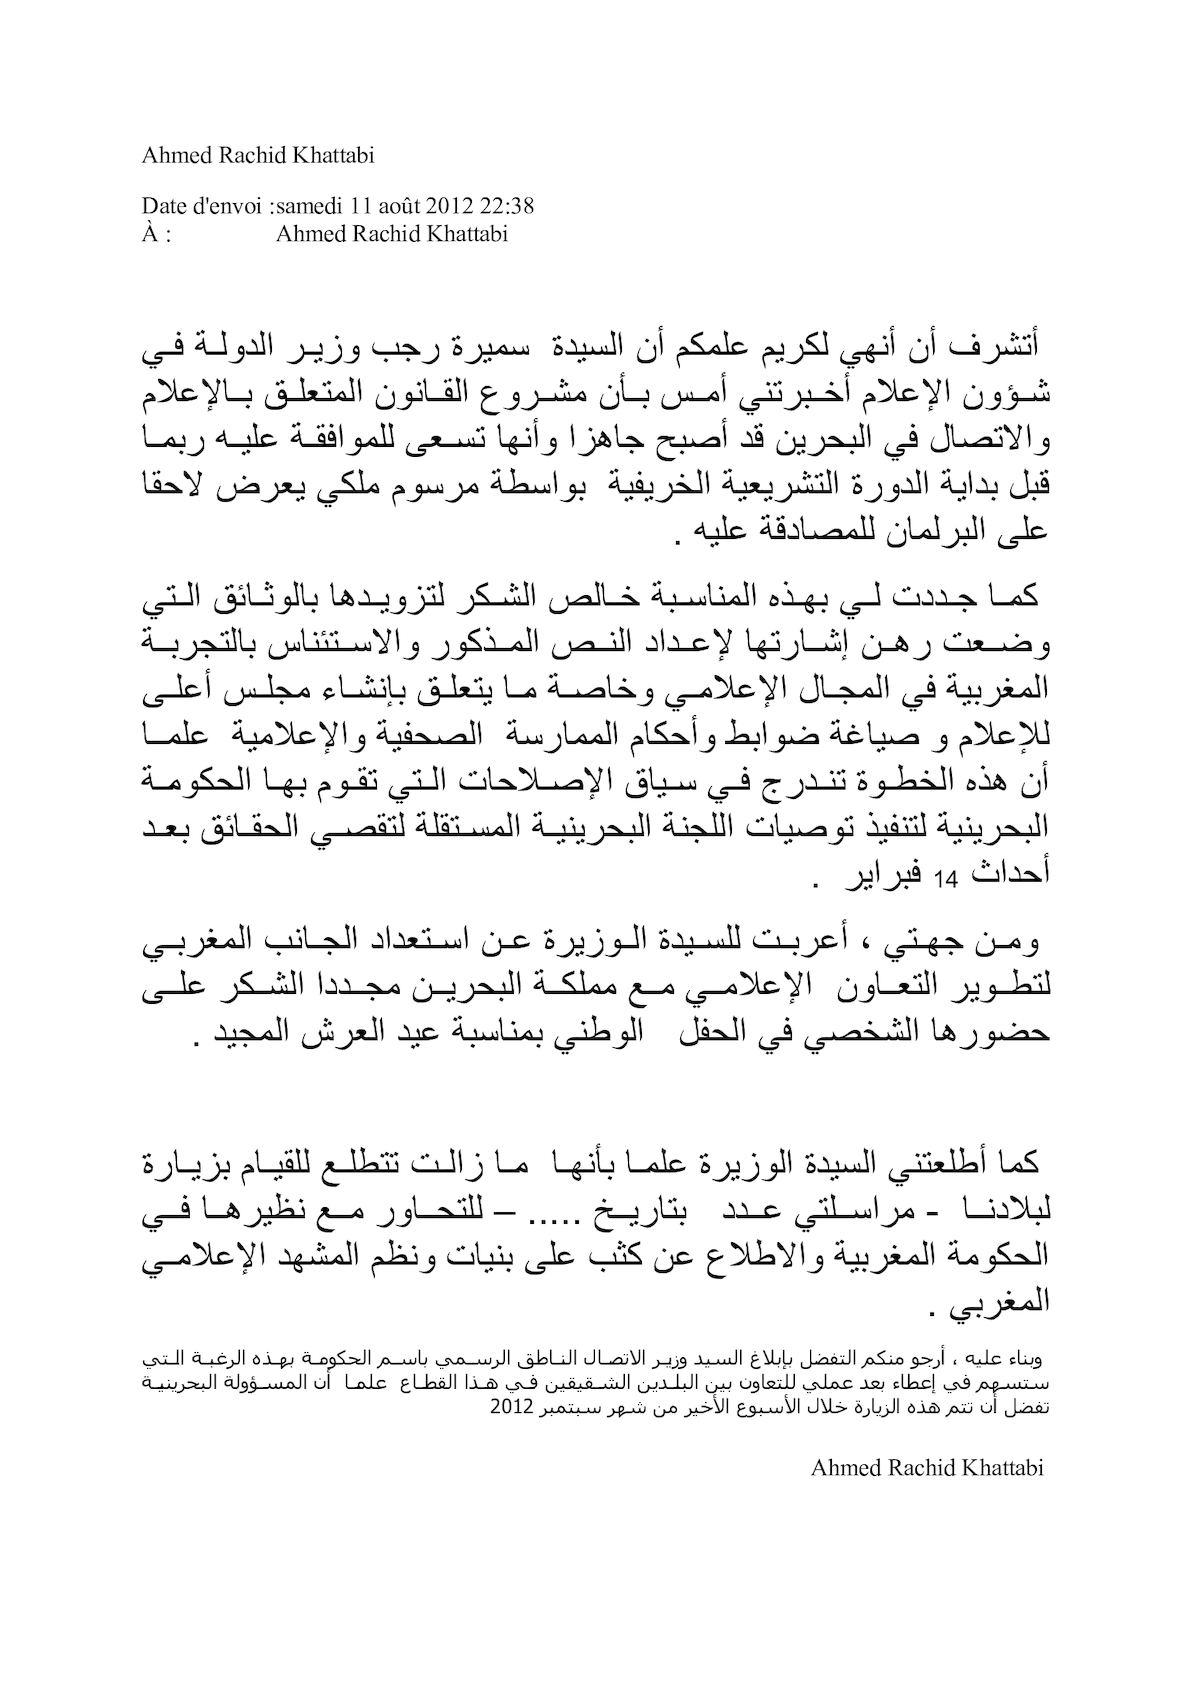 Email Ambassadeur Maroc